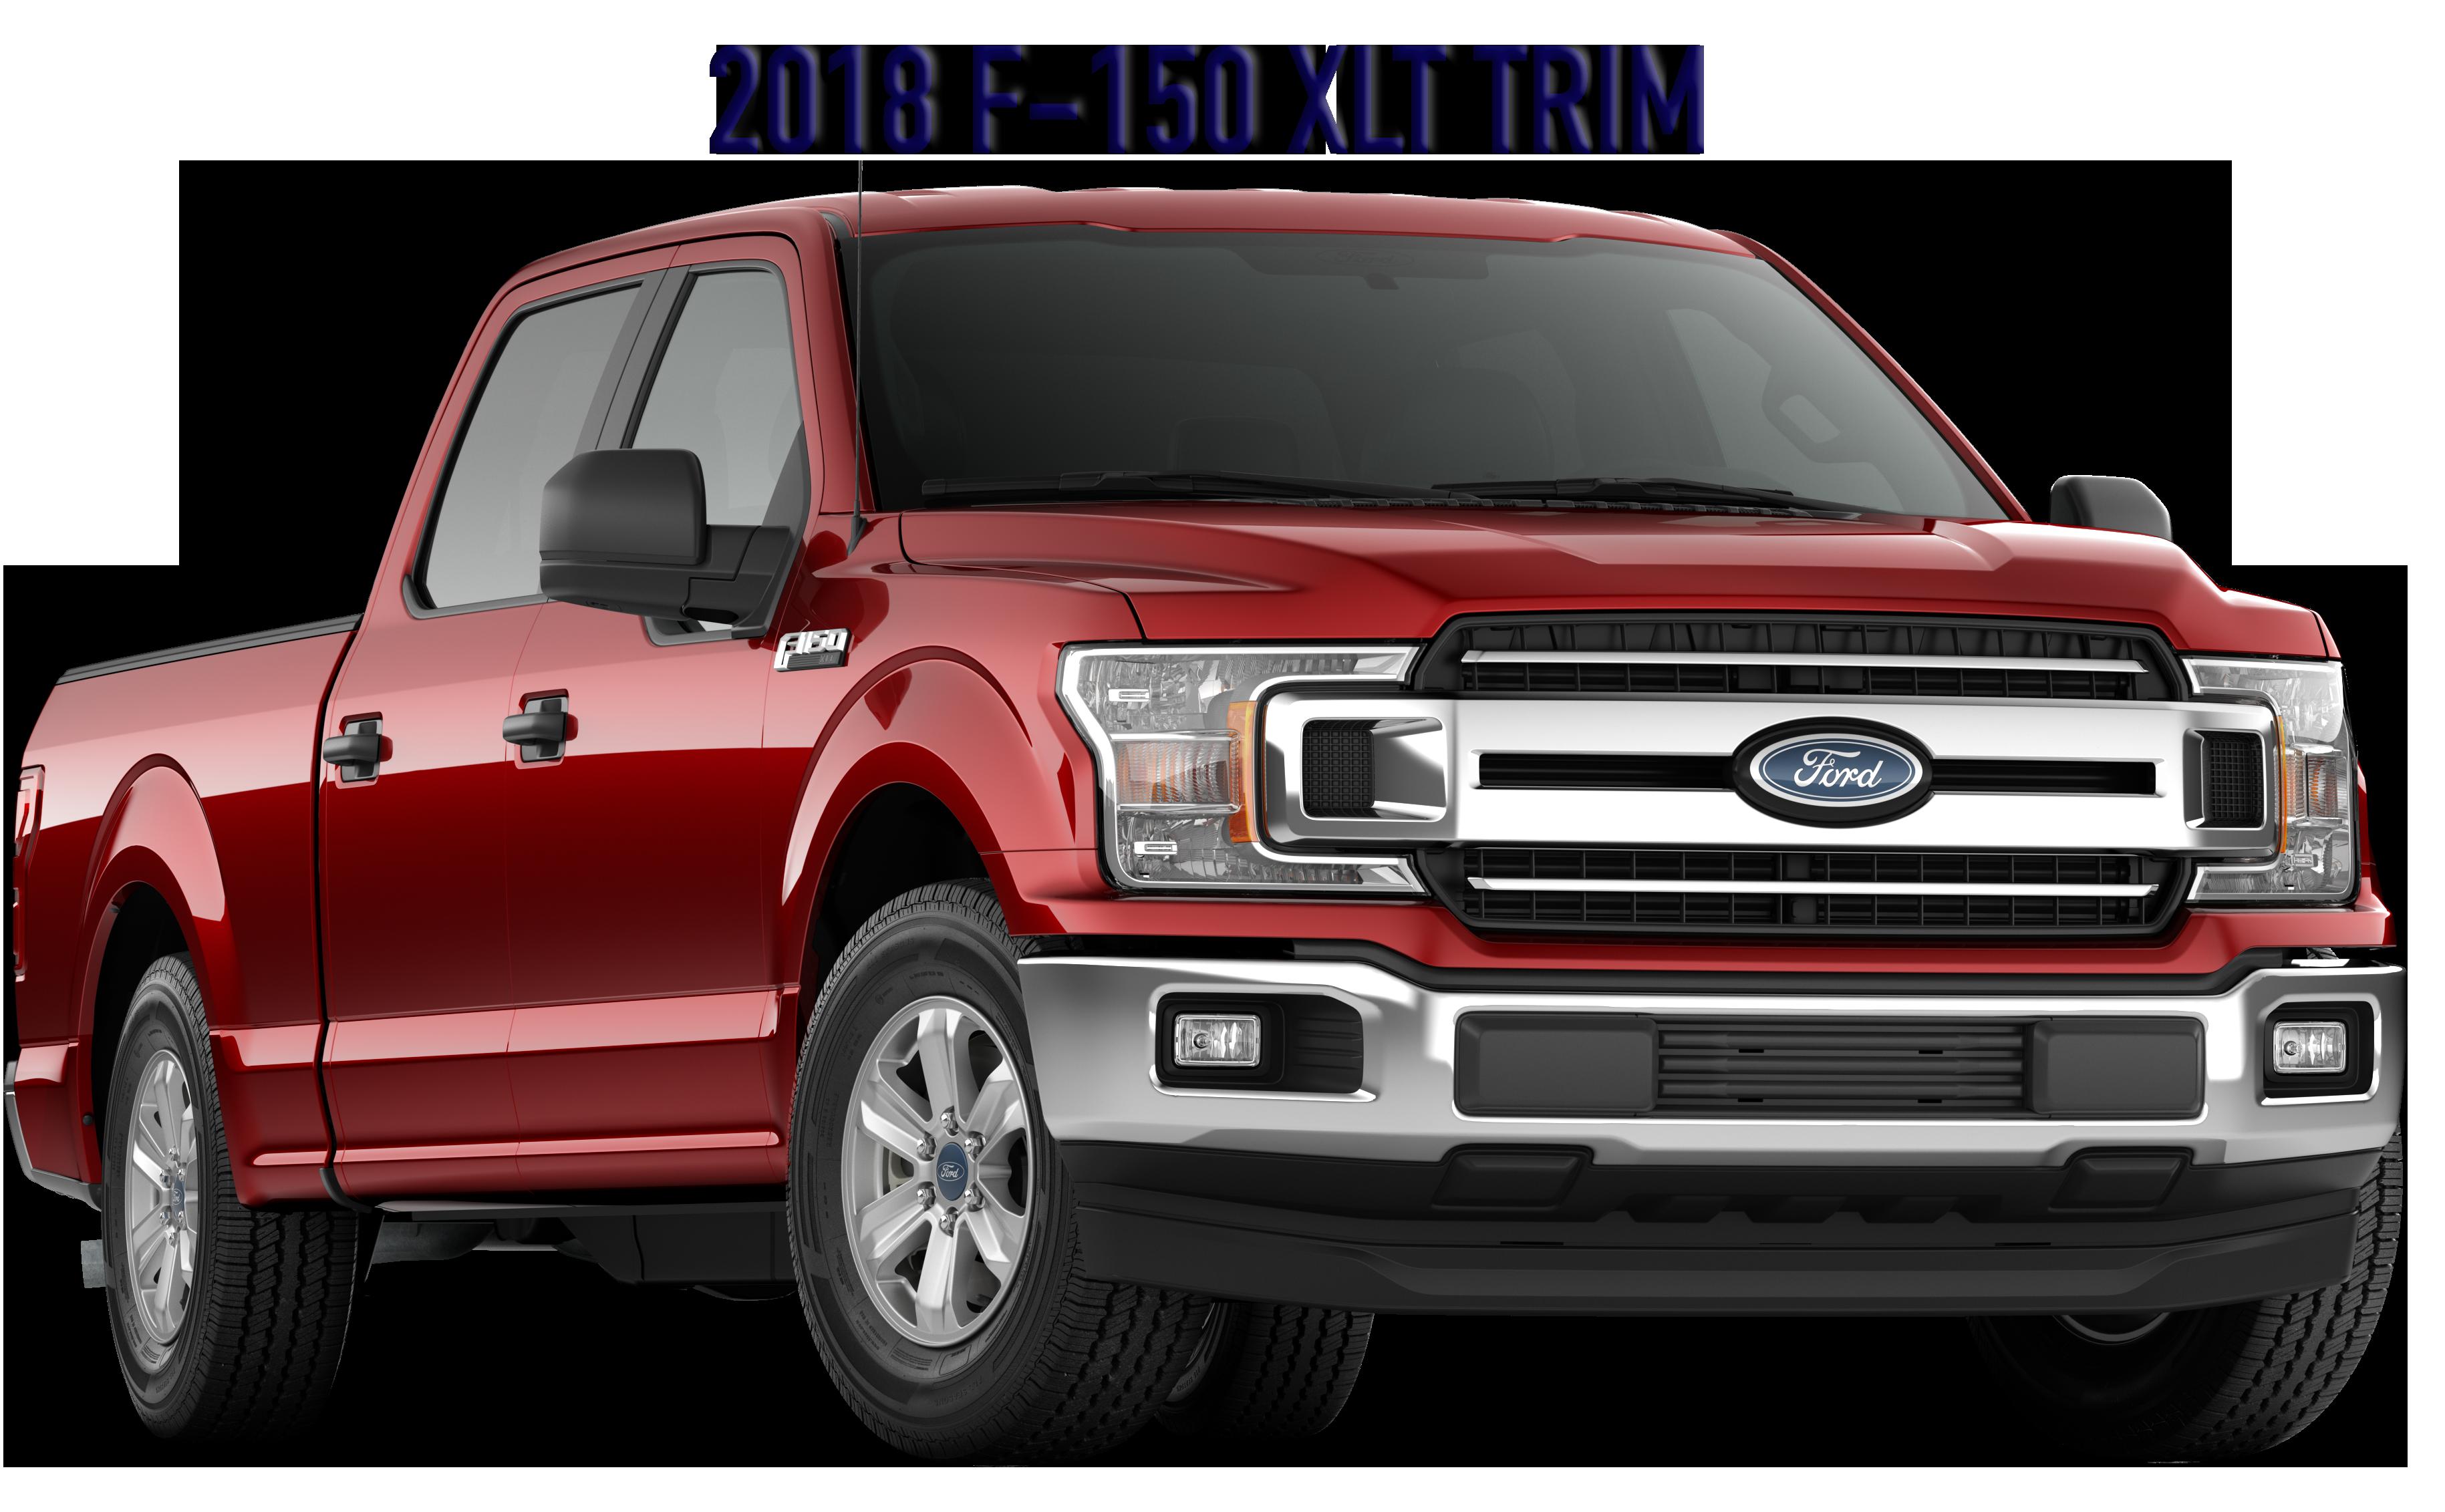 2018 Ford F 150 At Bill Macdonald Ford In Saint Clair Mi